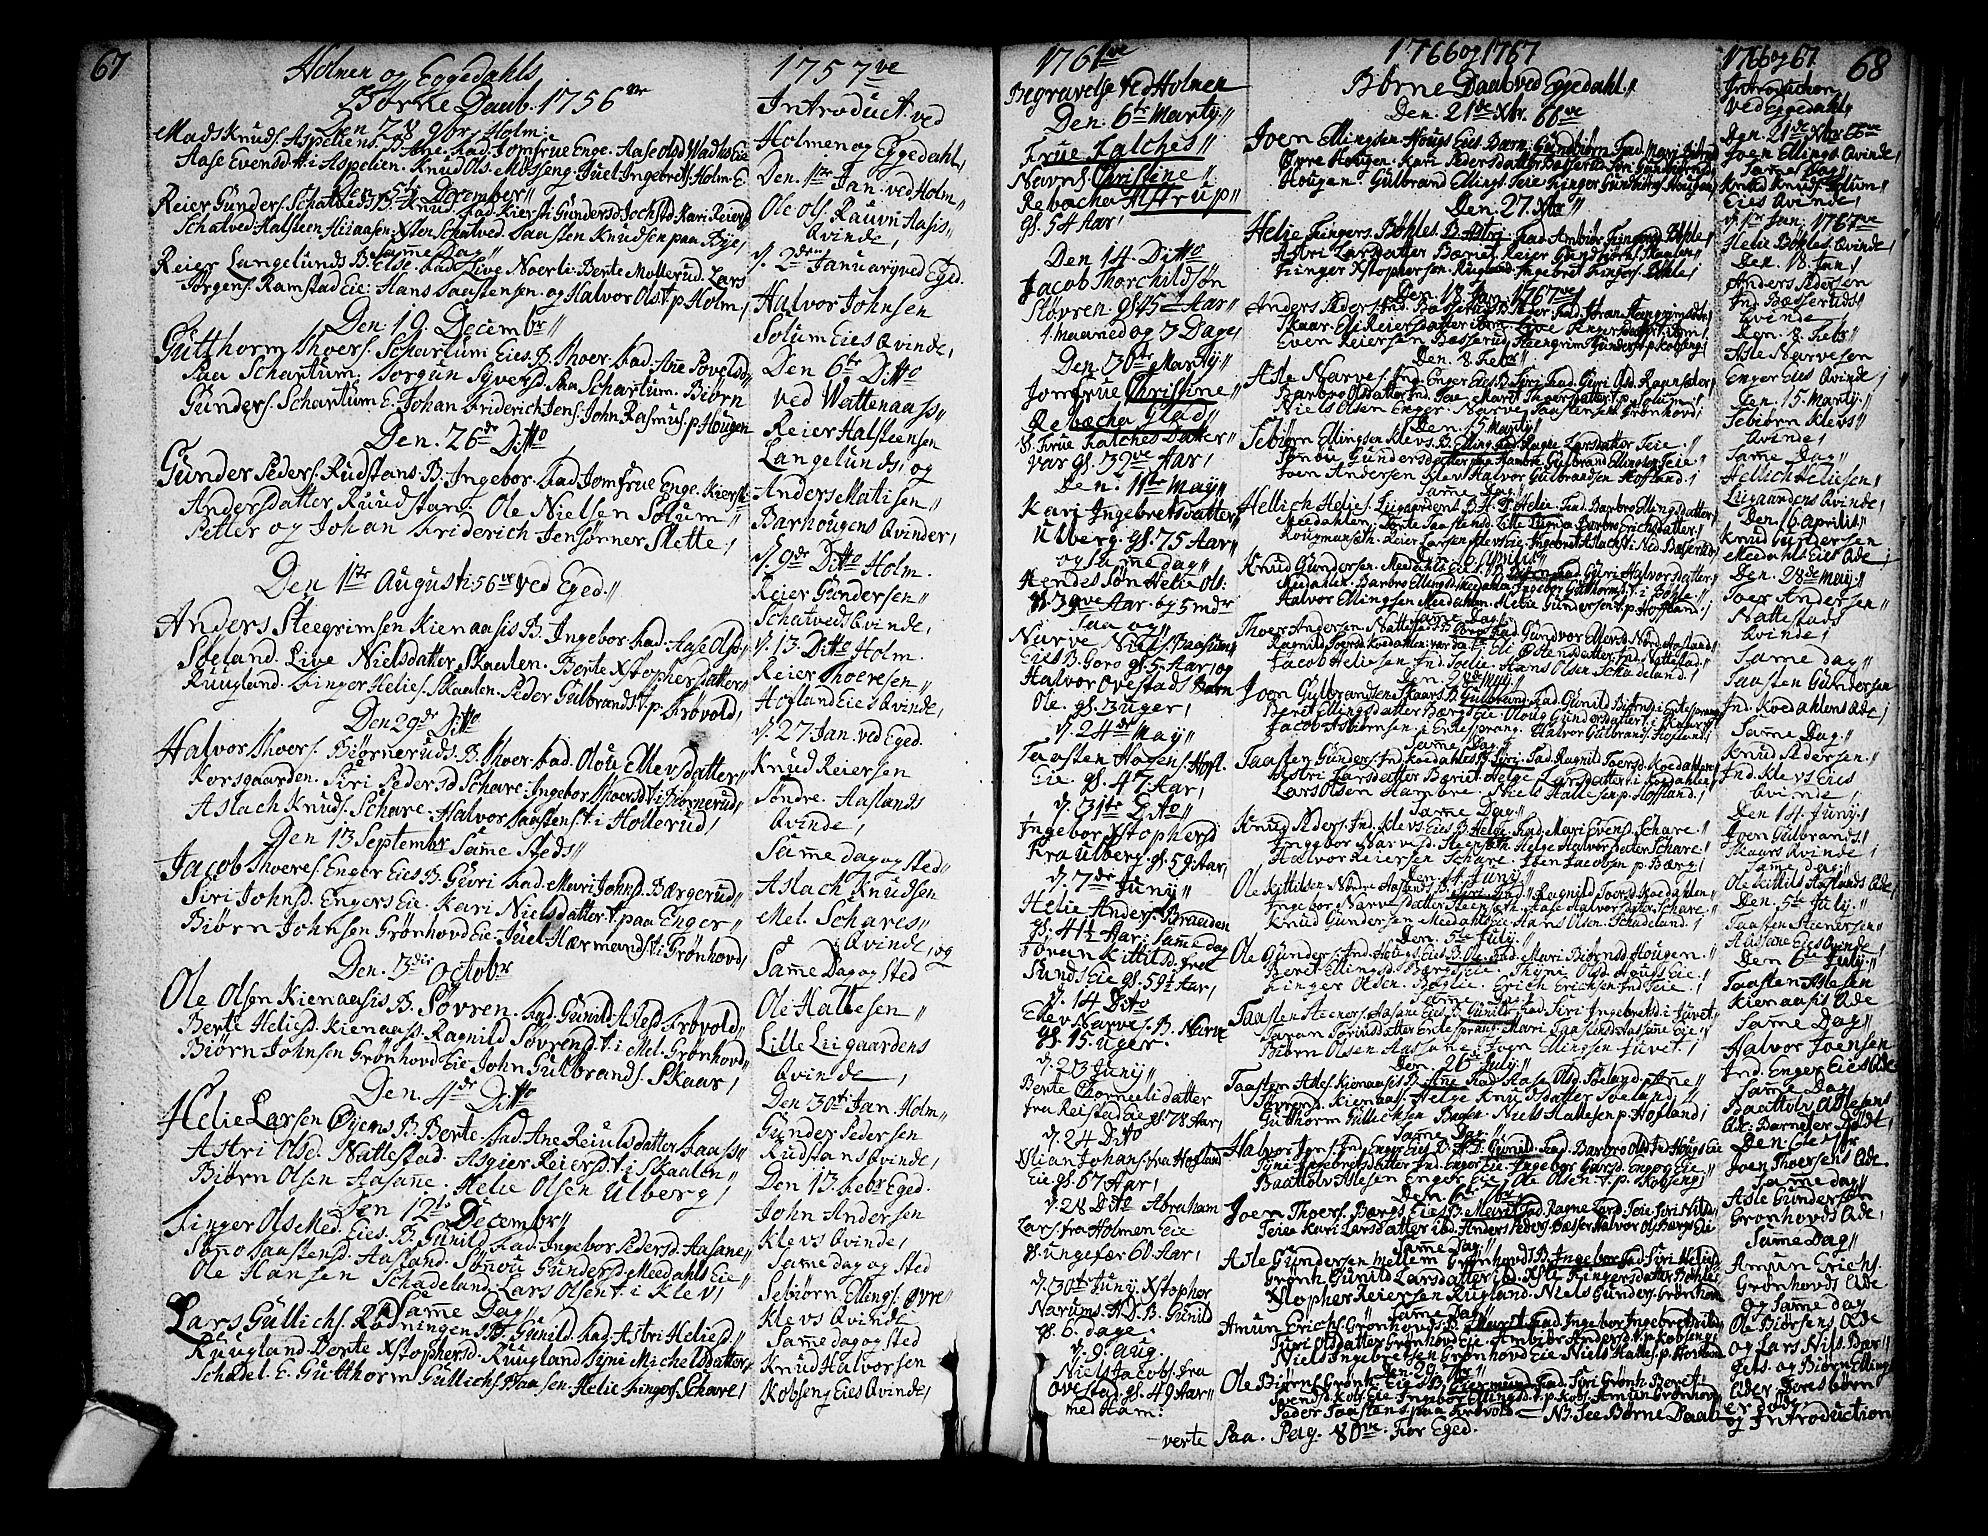 SAKO, Sigdal kirkebøker, F/Fa/L0001: Ministerialbok nr. I 1, 1722-1777, s. 67-68